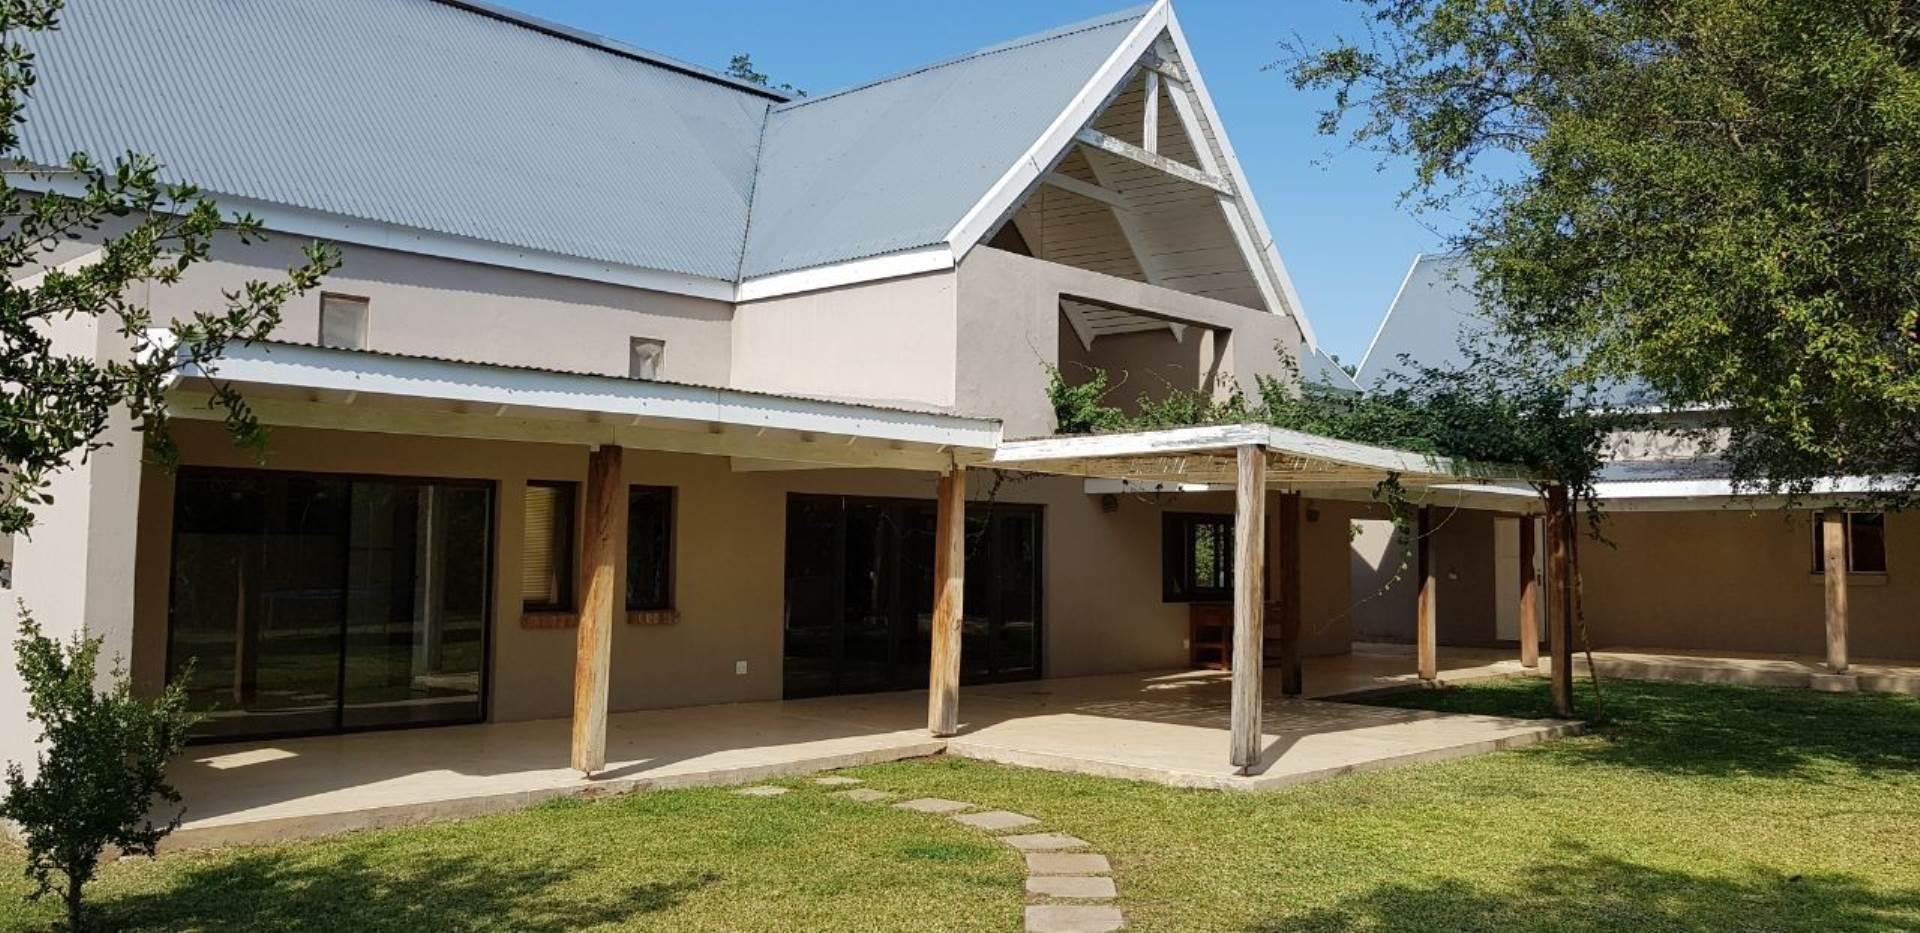 4 BedroomHouse To Rent In Hoedspruit Wildlife Estate